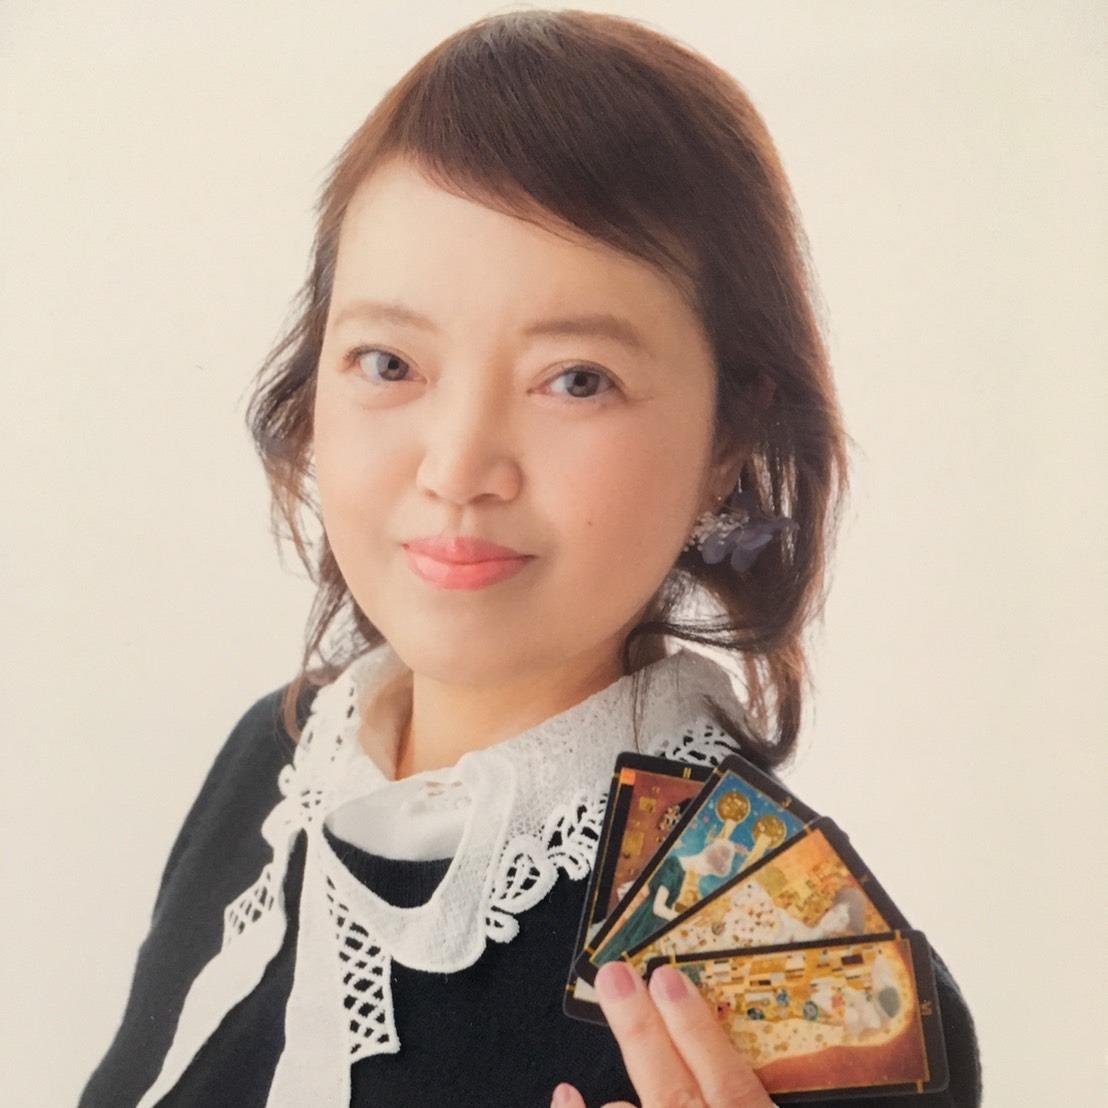 リリィ愛梨先生は、占い館BCAFE(ビーカフェ)渋谷店で火曜日を担当しています。